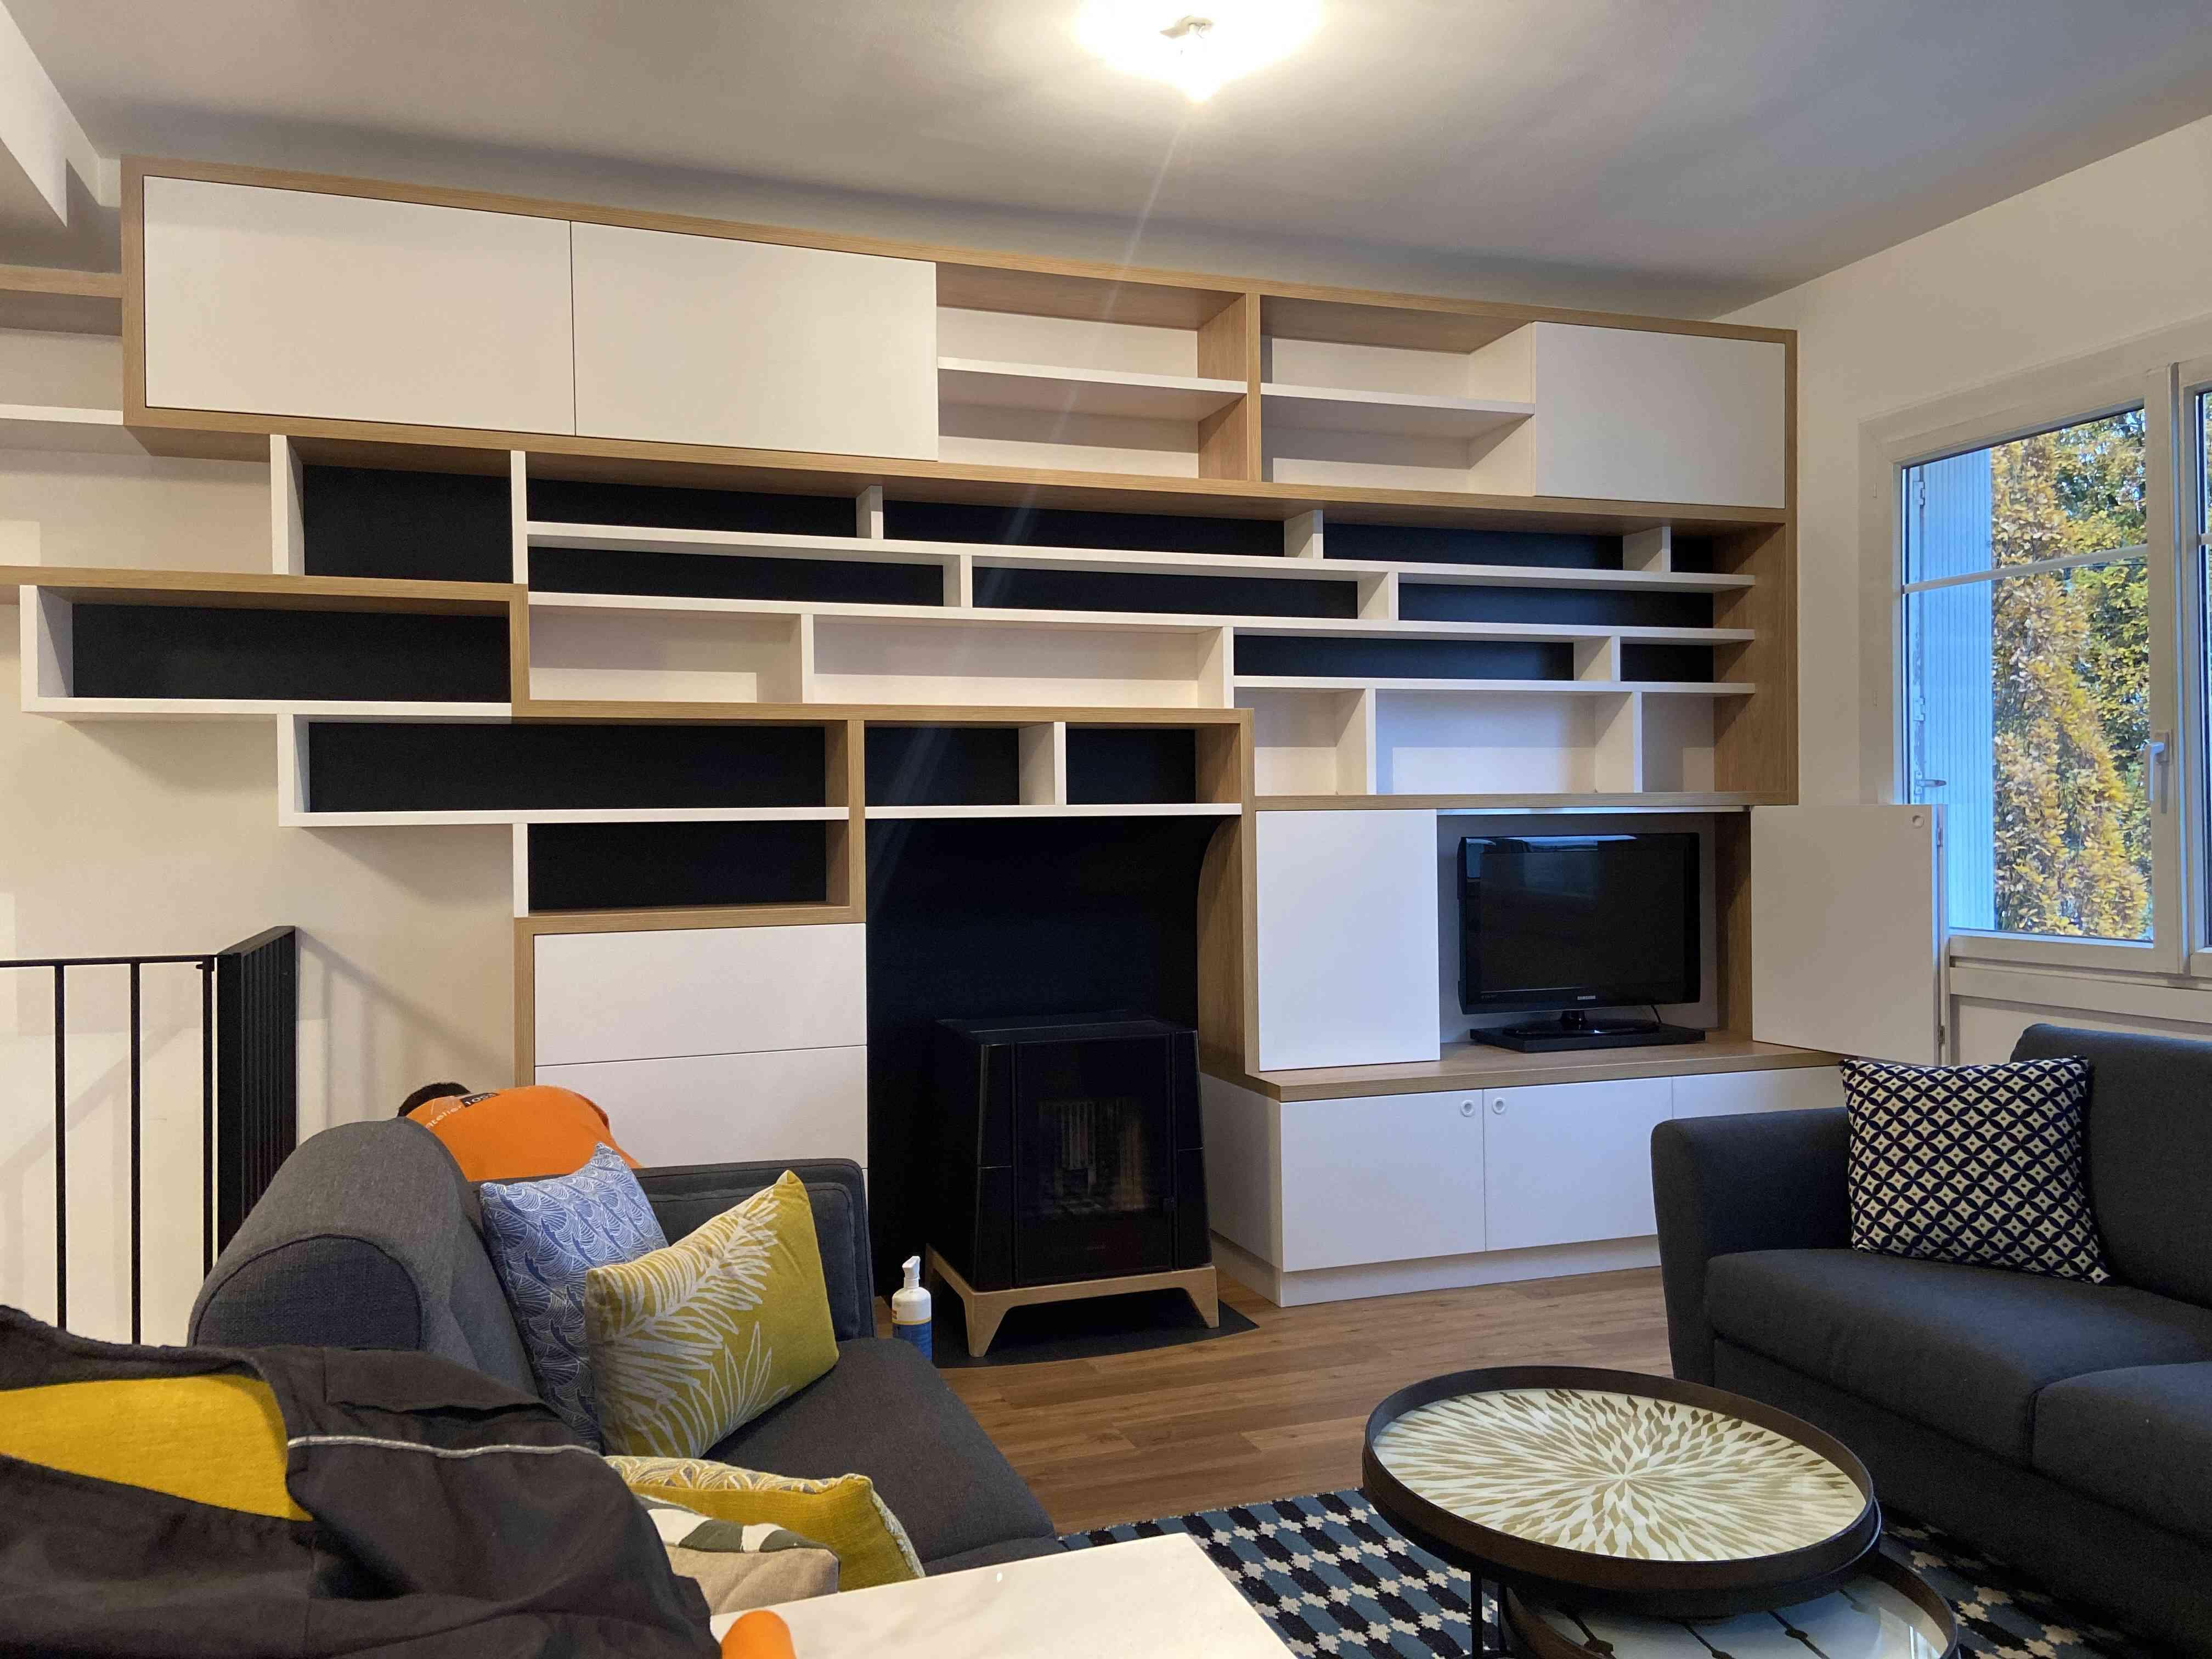 1 Bibliothèque sur mesure salon bois blanc noir 5 - Bibliothèque sur mesure salon bois blanc noir